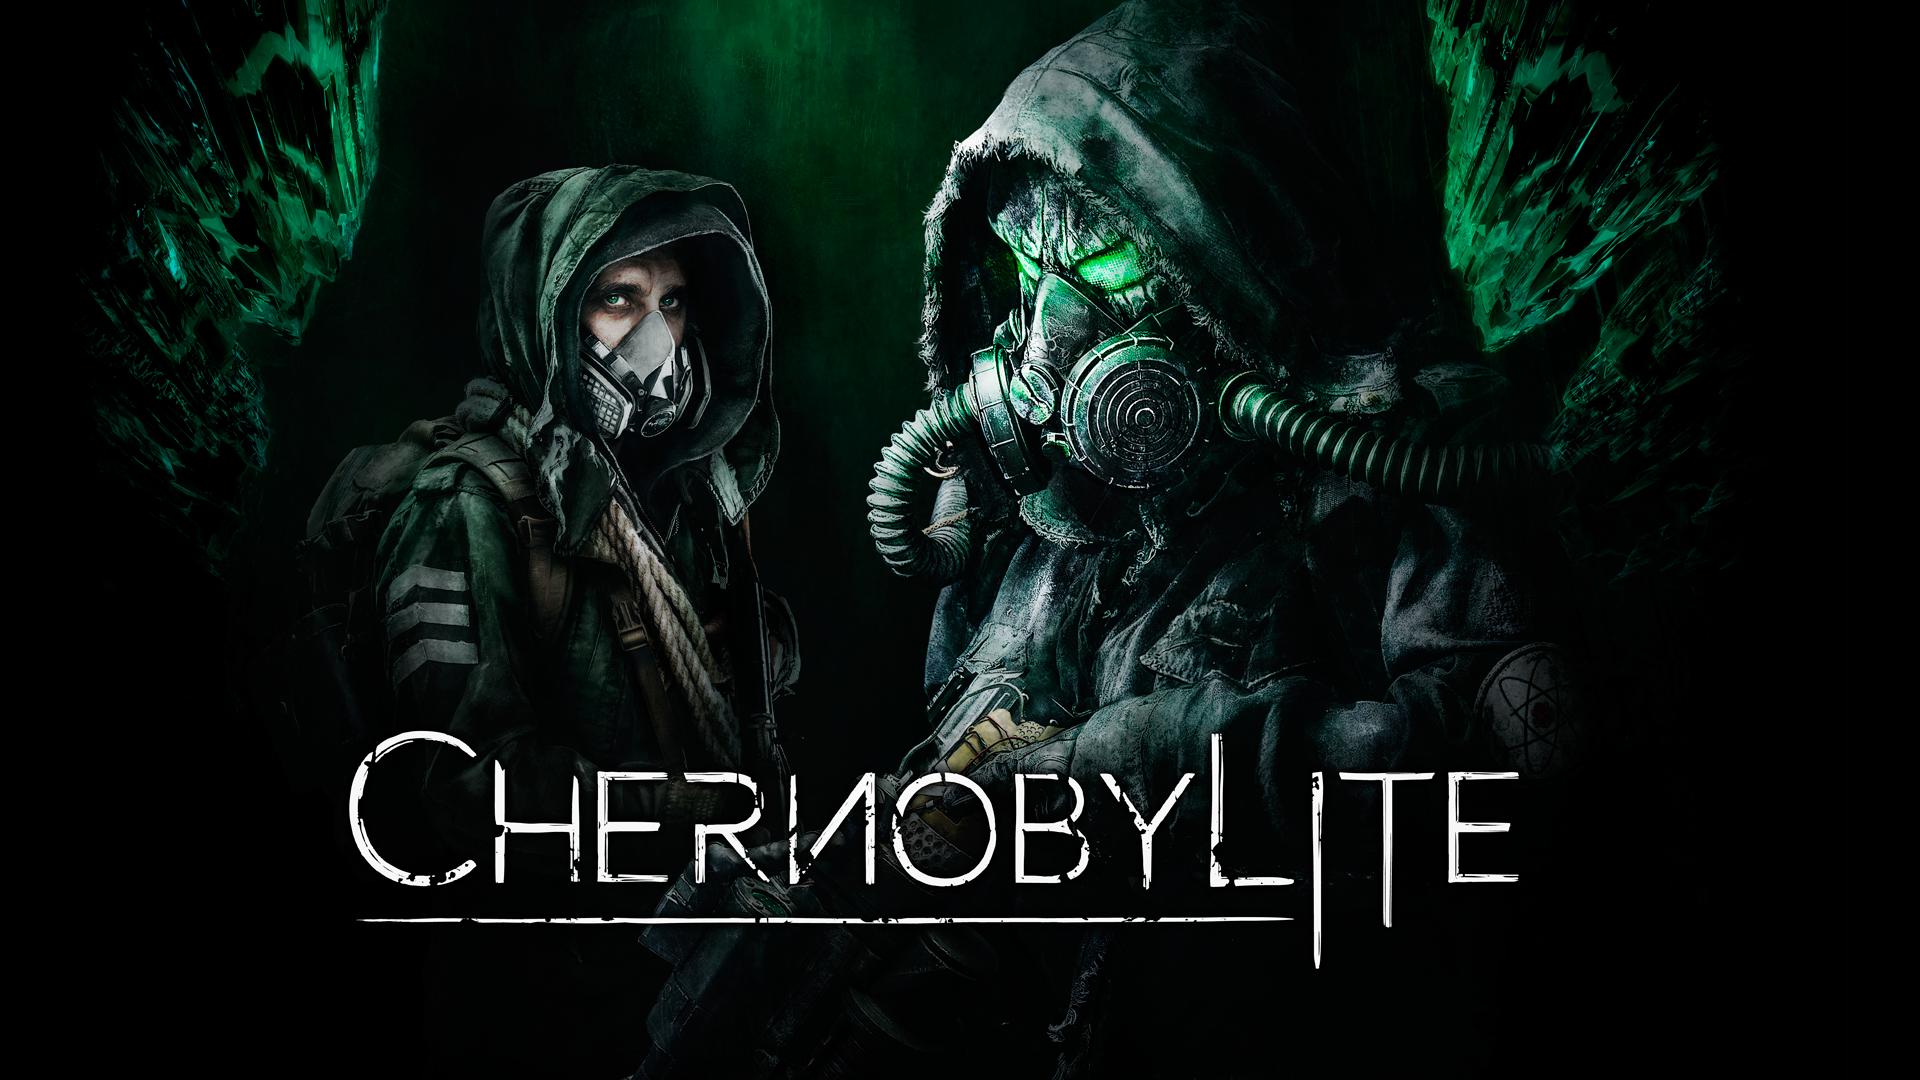 Chernobylite_Key_art_1920